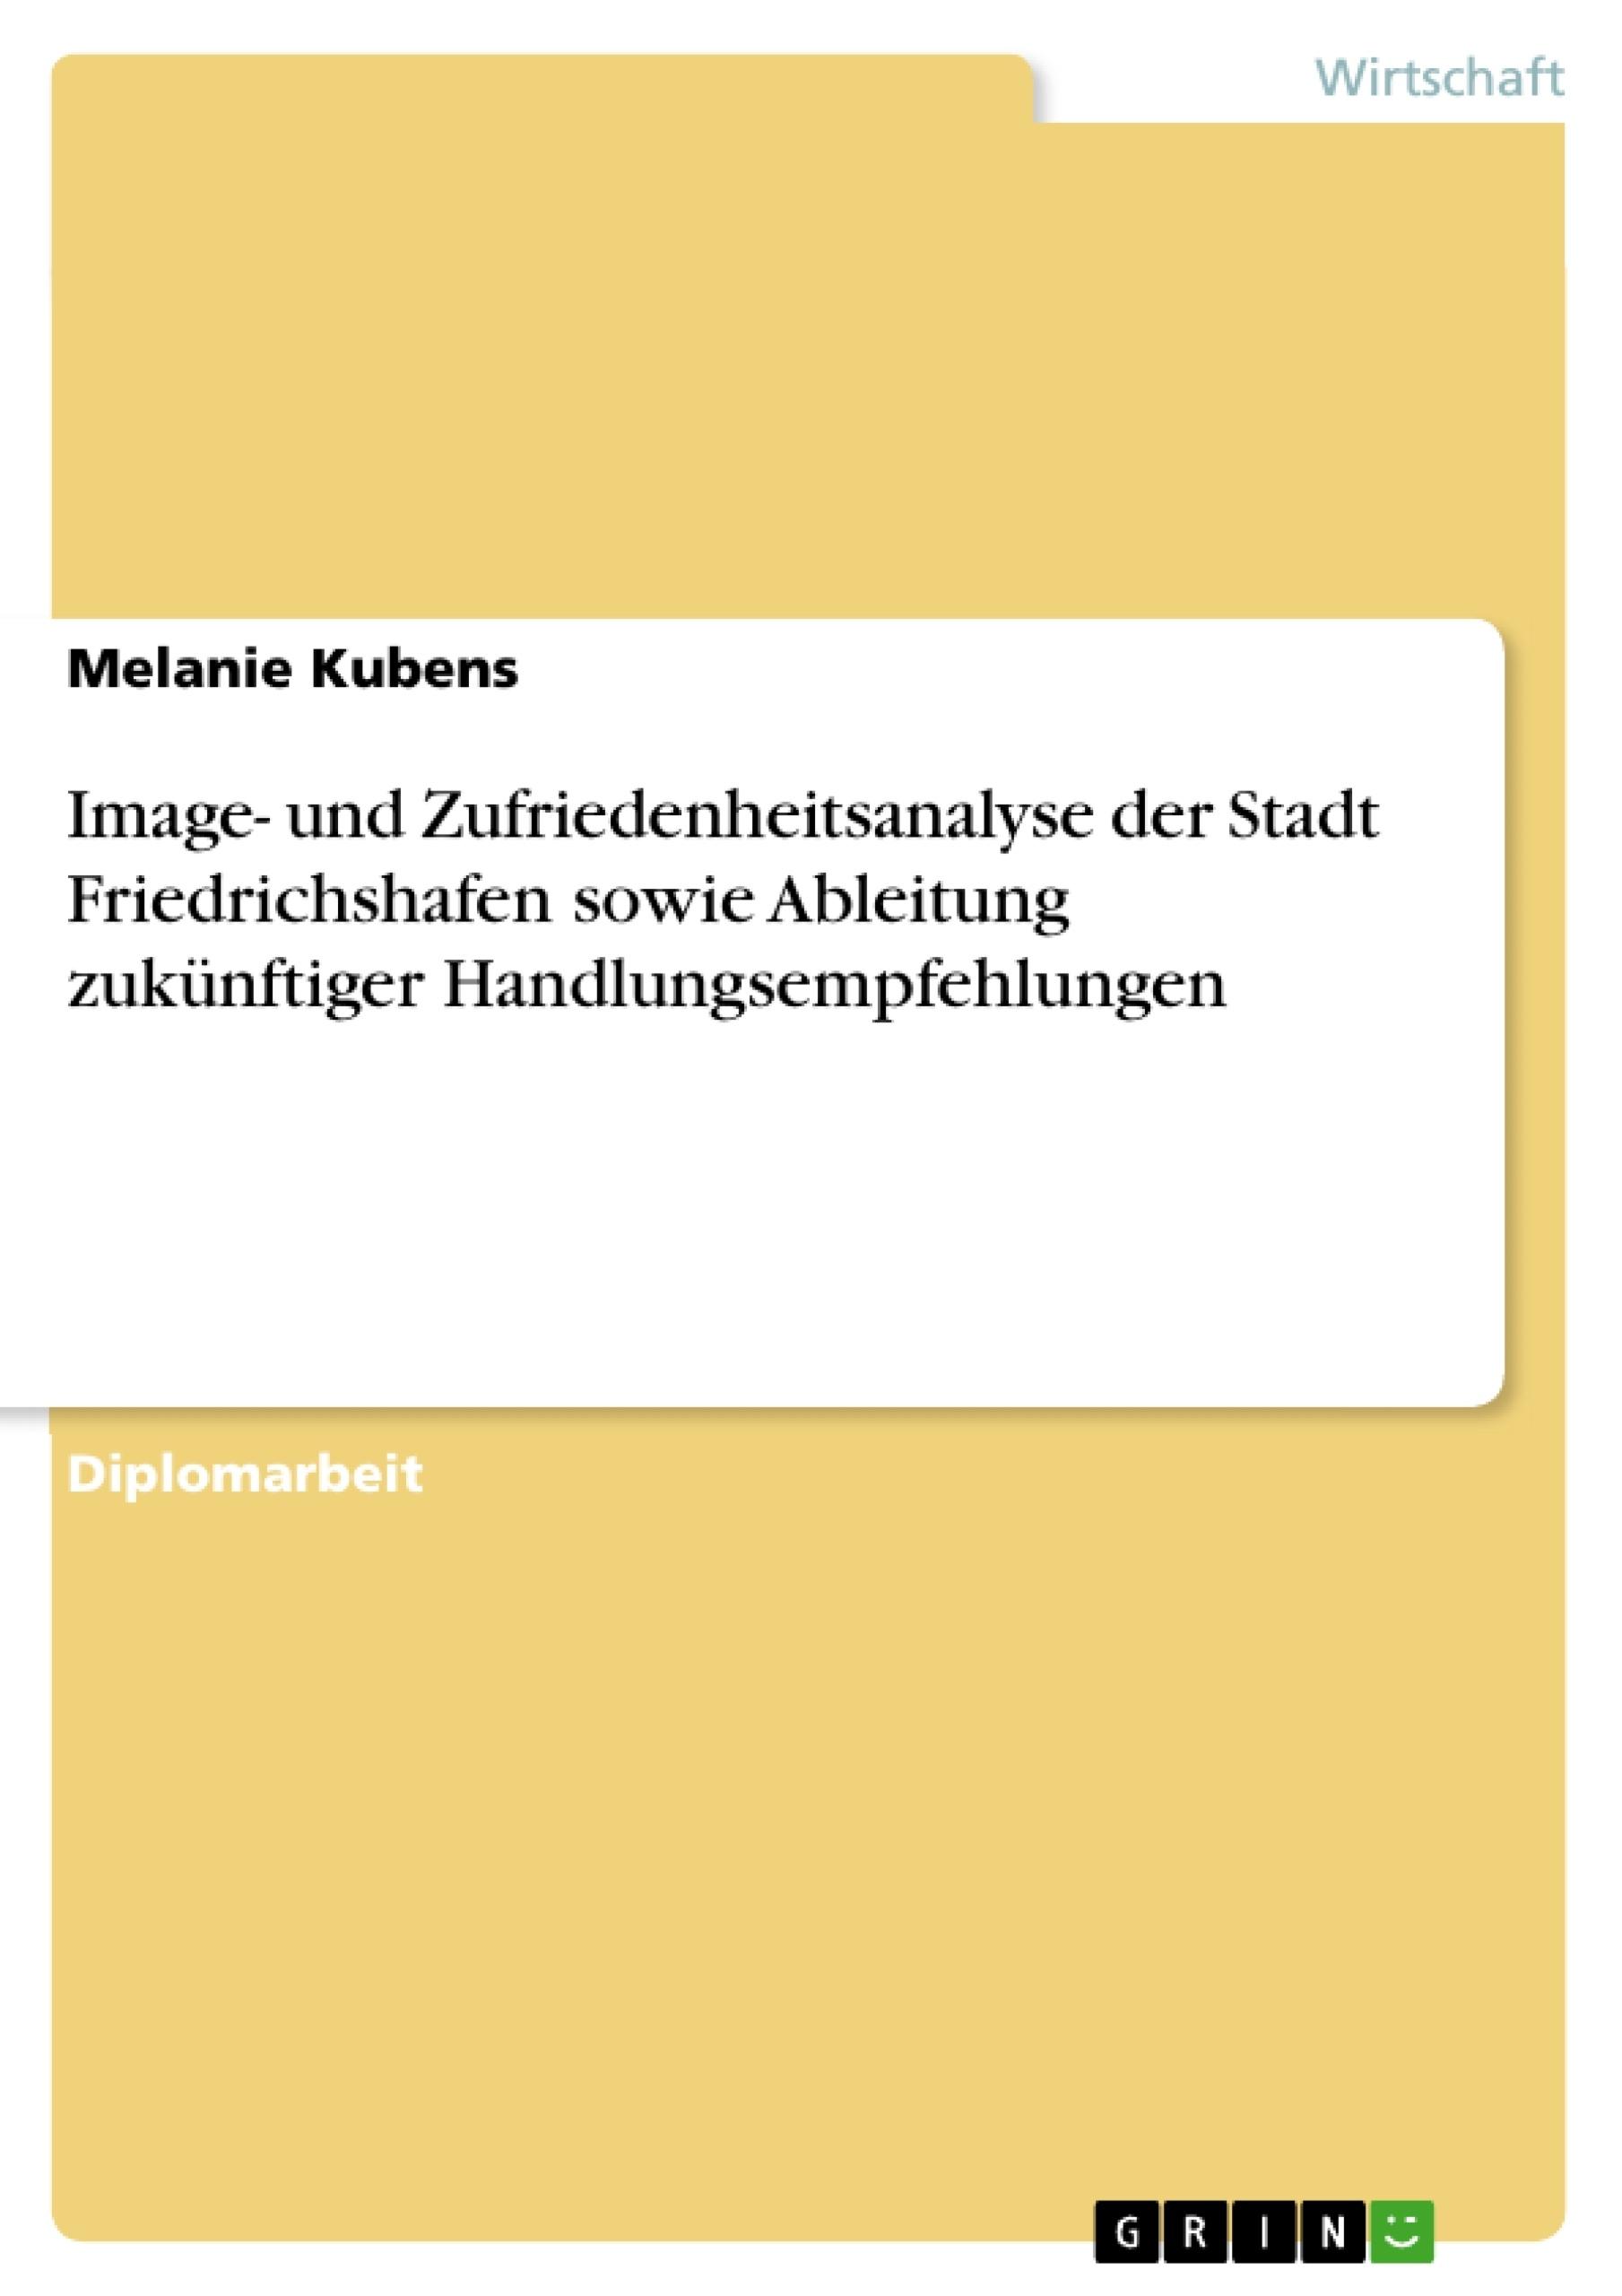 Titel: Image- und Zufriedenheitsanalyse der Stadt Friedrichshafen sowie Ableitung zukünftiger Handlungsempfehlungen